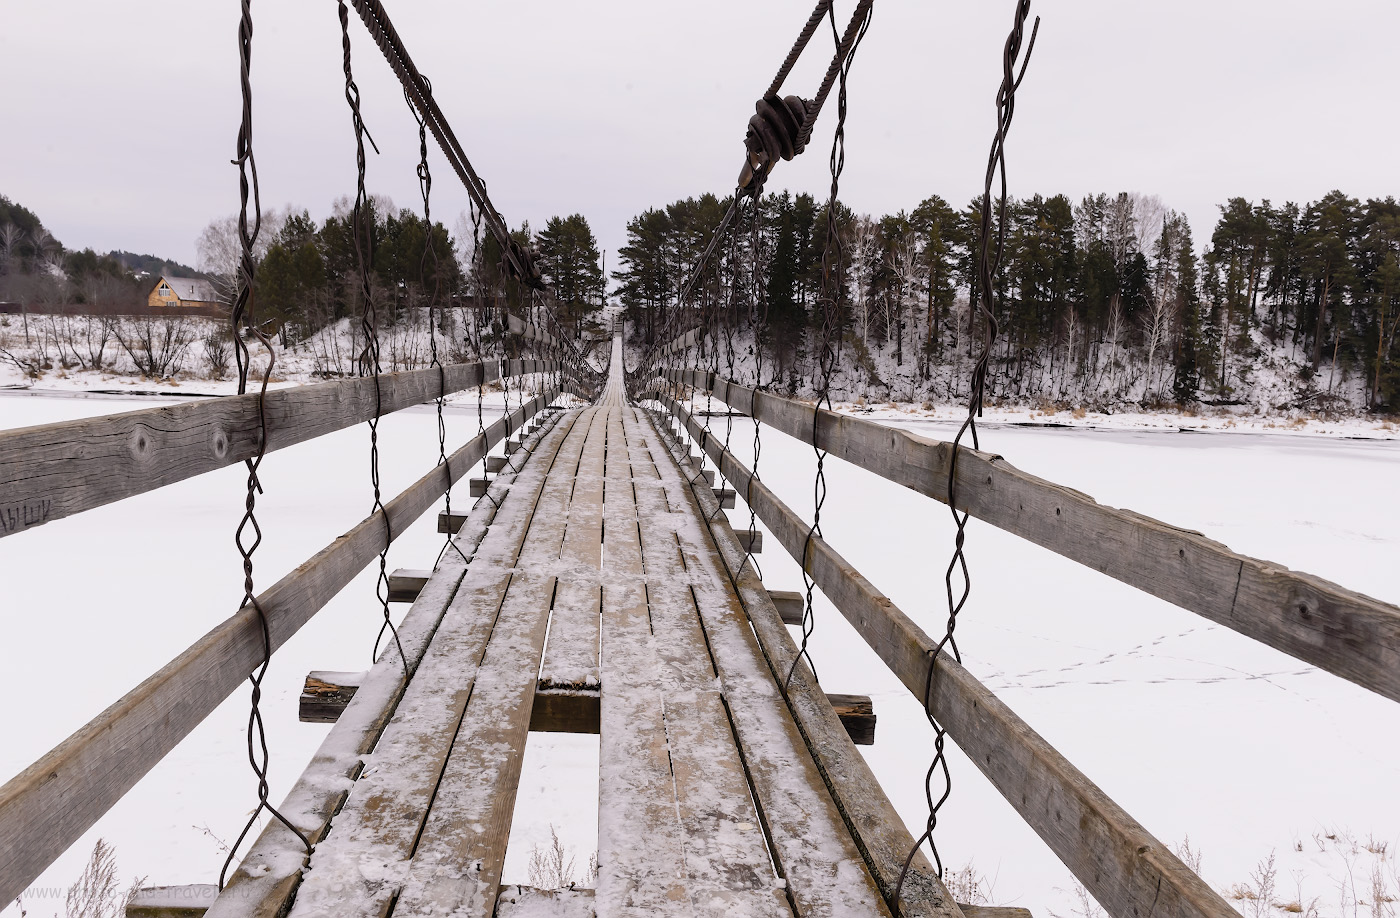 Фото 11. Подвесной мост через реку Сылва в деревне Сасыково. По нему нужно пройти, чтобы попасть к водопаду Плакун. Отчет о путешествии по Пермскому краю самостоятельно.